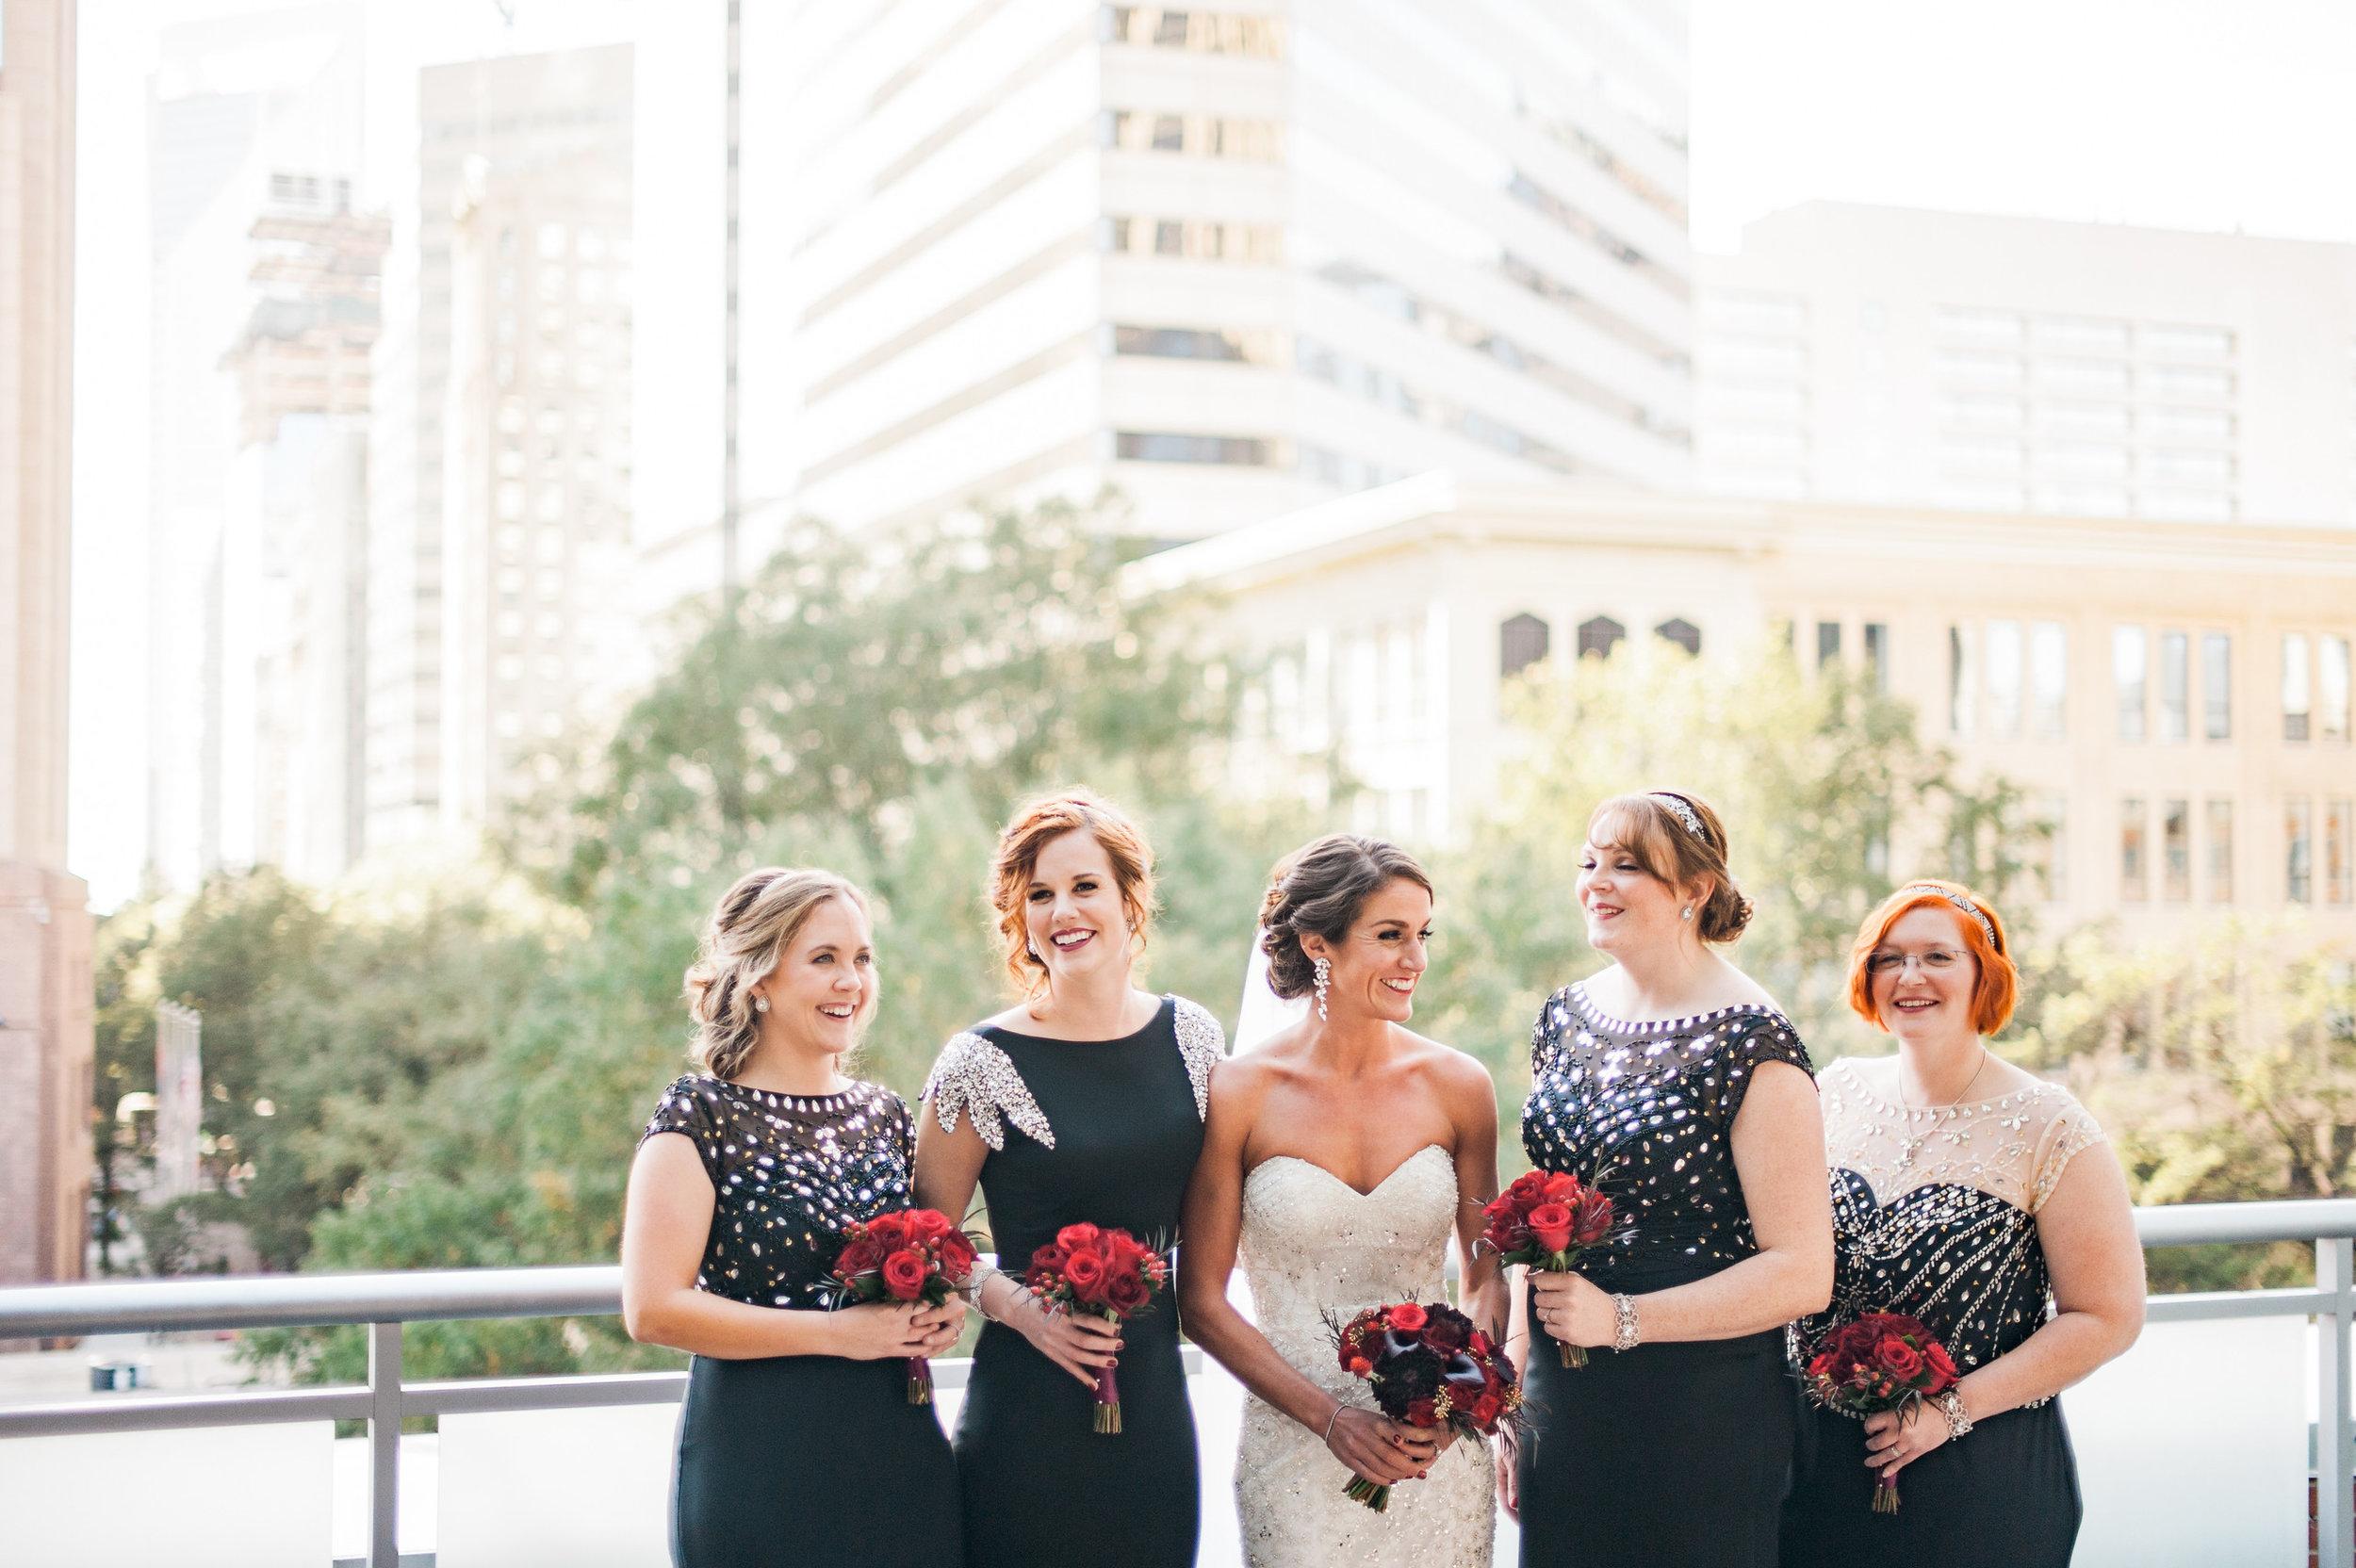 hoke-wedding-106-X5.jpg